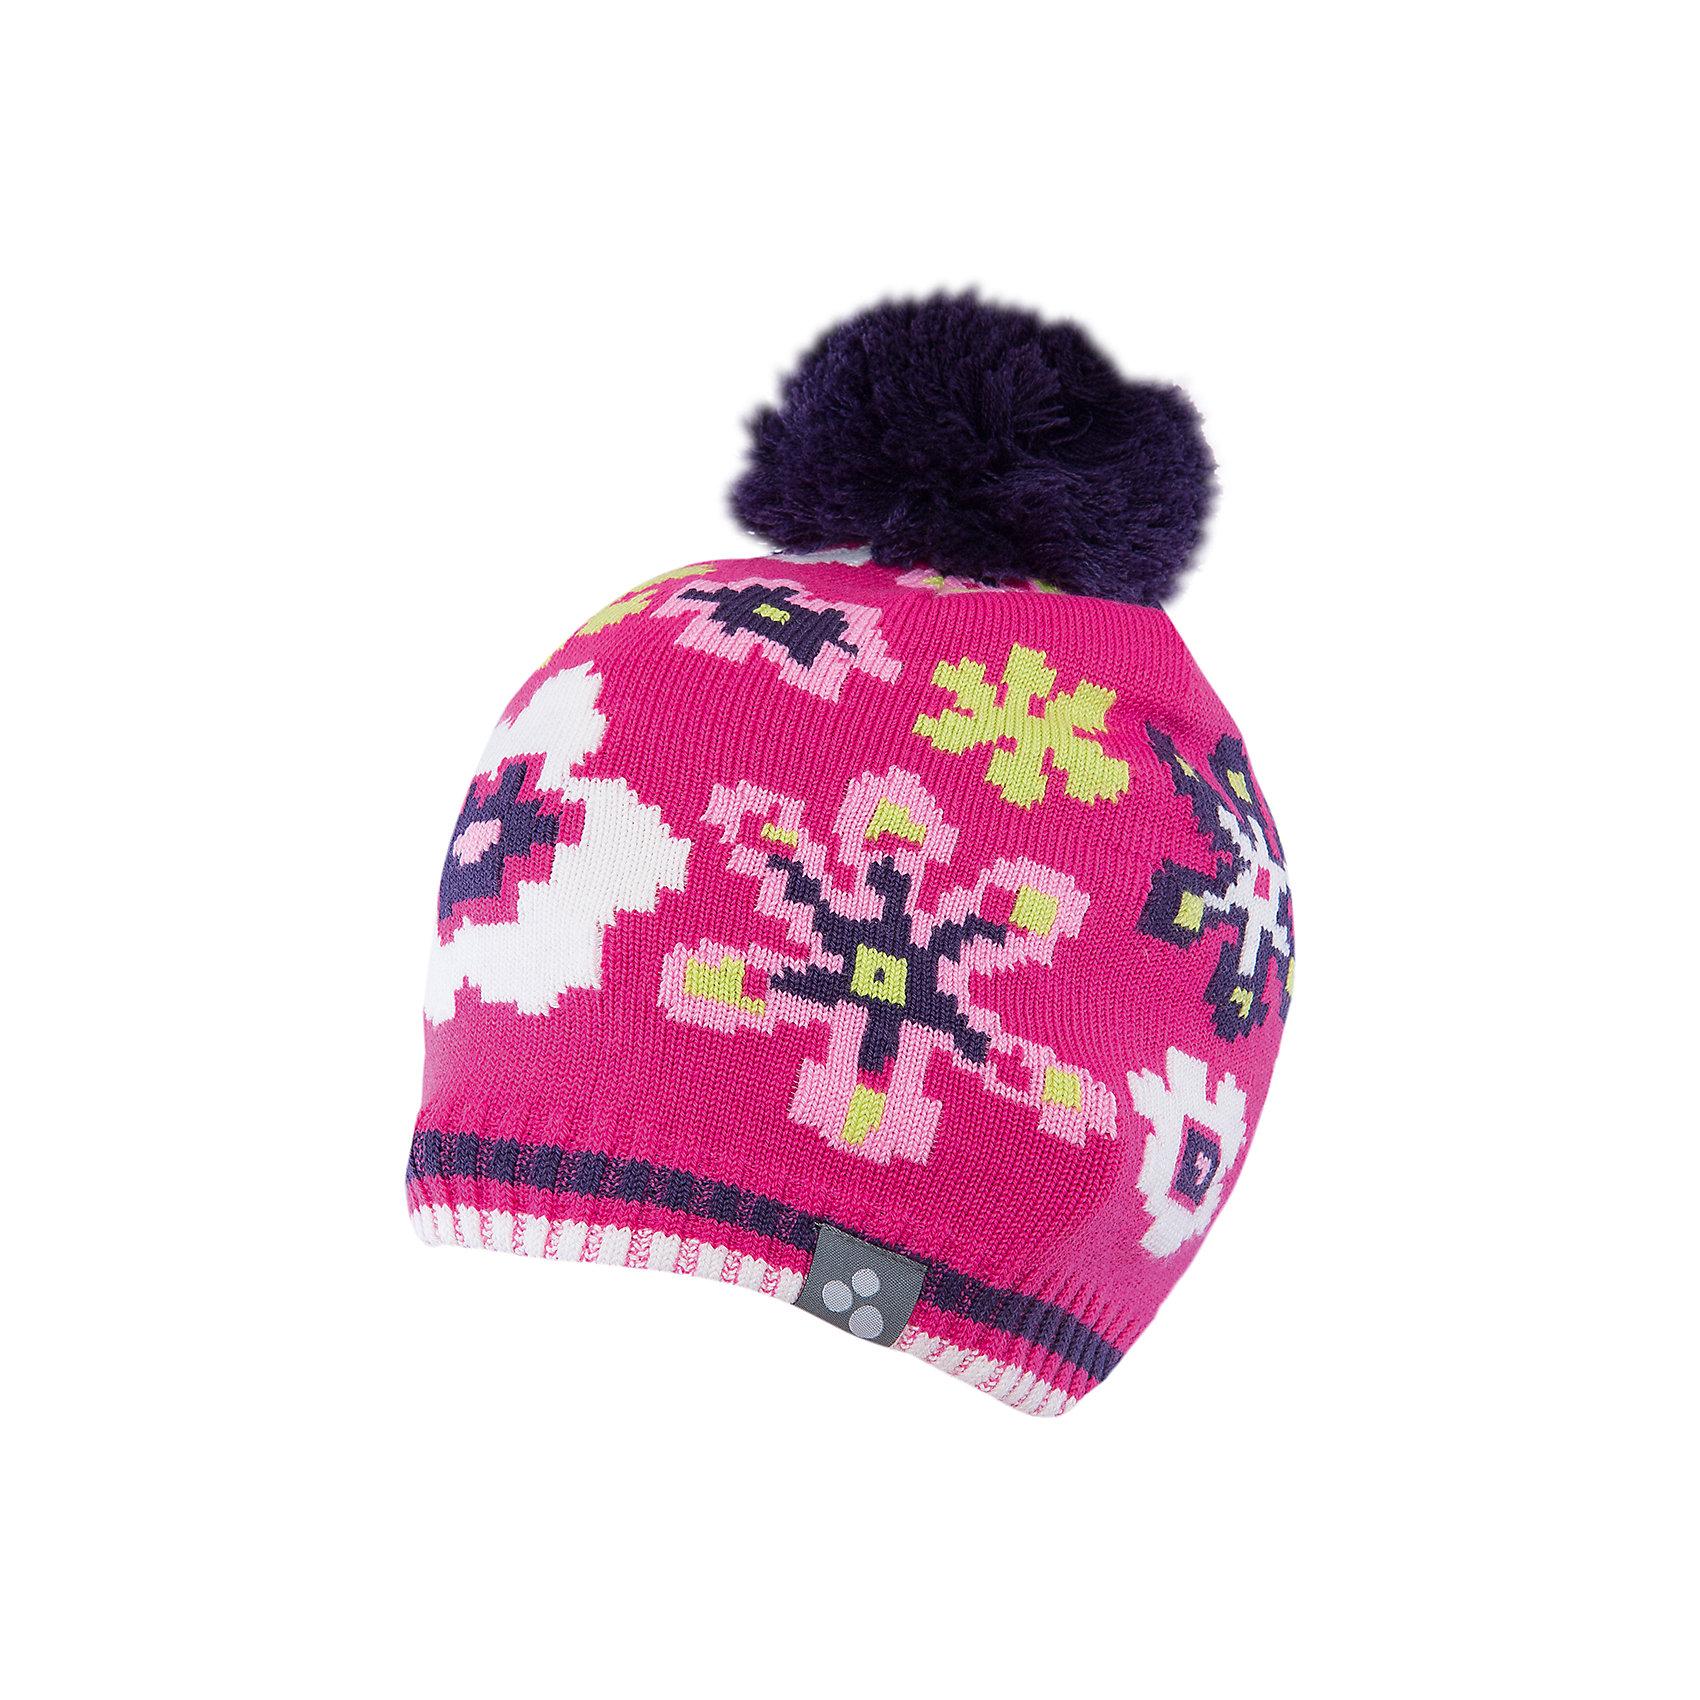 Шапка для девочки HuppaЗимние<br>Яркая вязаная шапка Huppa Floral изготовлена из шерсти мериноса и акрила и способна согреть даже при сильном морозе. Шапка украшена ярким цветочным орнаментом, помпоном. Снизу вы найдете светоотражательные элементы. Превосходный выбор для юных модниц и модников!<br><br>Дополнительная информация:<br>Цвет: фуксия<br>Материал: 50% шерсть мериноса, 50% акрил<br><br><br>Шапку Huppa Floral можно приобрести в нашем интернет-магазине.<br><br>Ширина мм: 89<br>Глубина мм: 117<br>Высота мм: 44<br>Вес г: 155<br>Цвет: розовый<br>Возраст от месяцев: 132<br>Возраст до месяцев: 144<br>Пол: Женский<br>Возраст: Детский<br>Размер: 47-49,55-57,51-53,57<br>SKU: 4923570